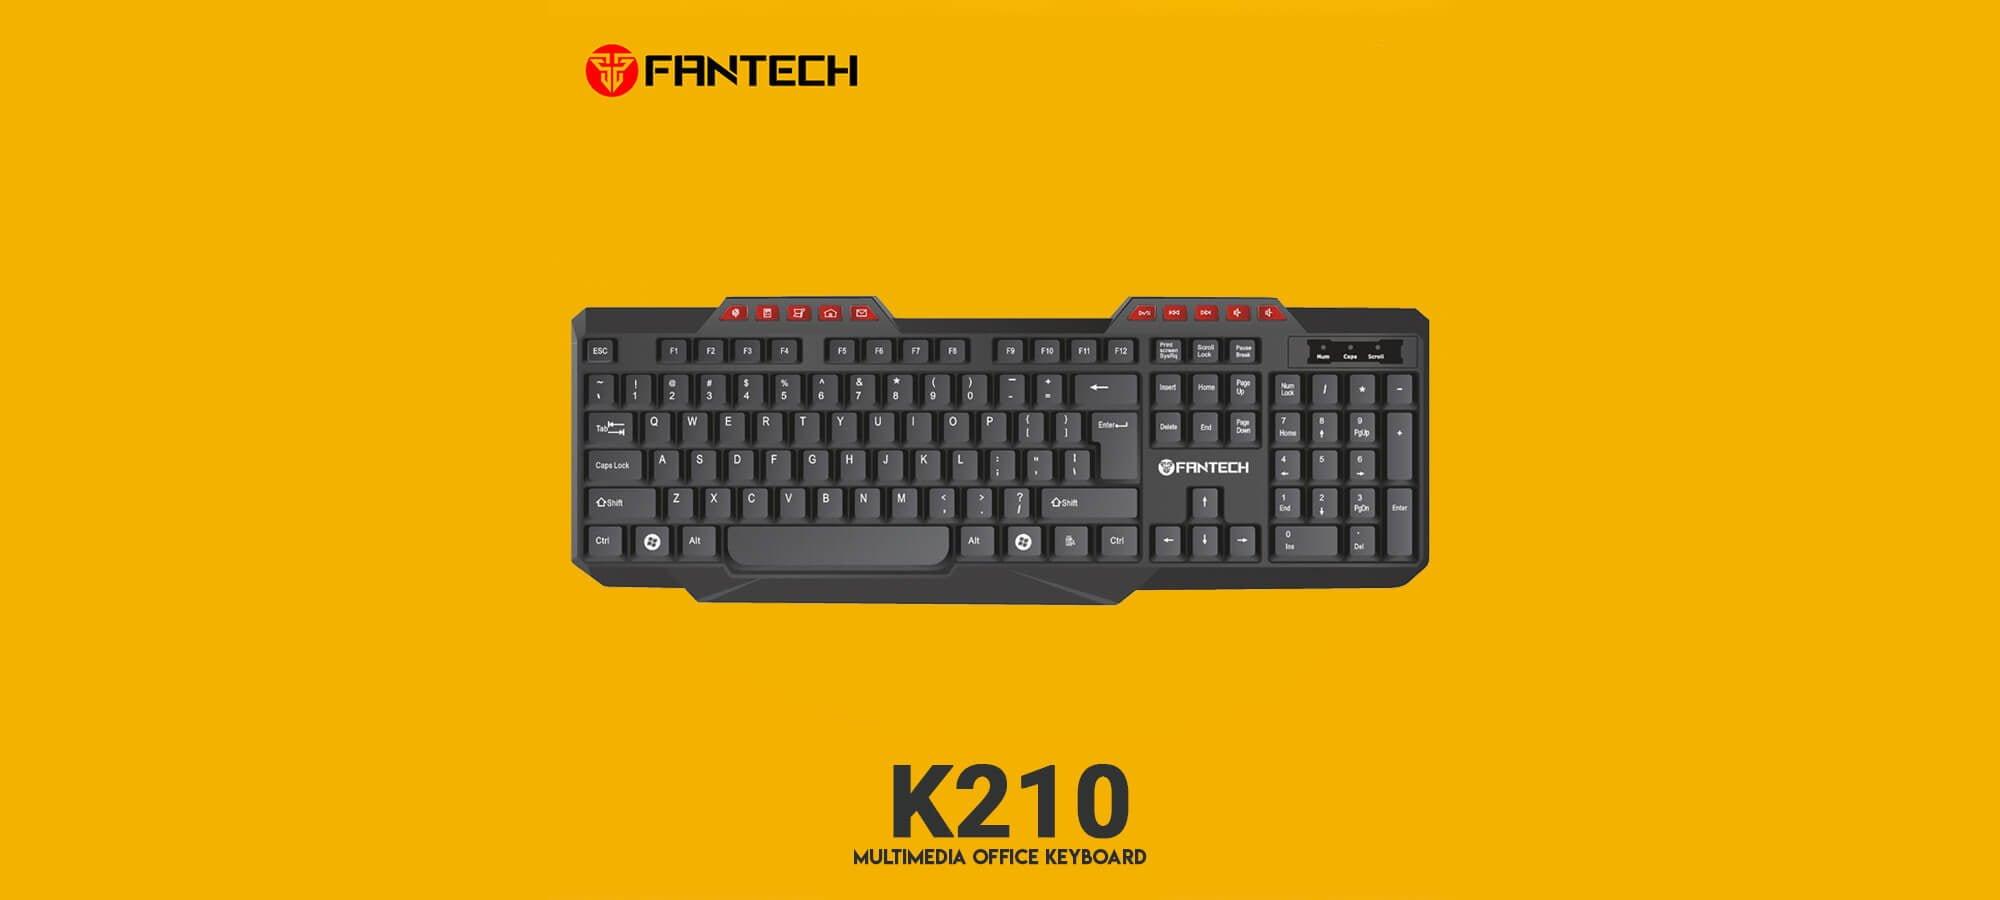 Офисная клавиатура Fantech K210